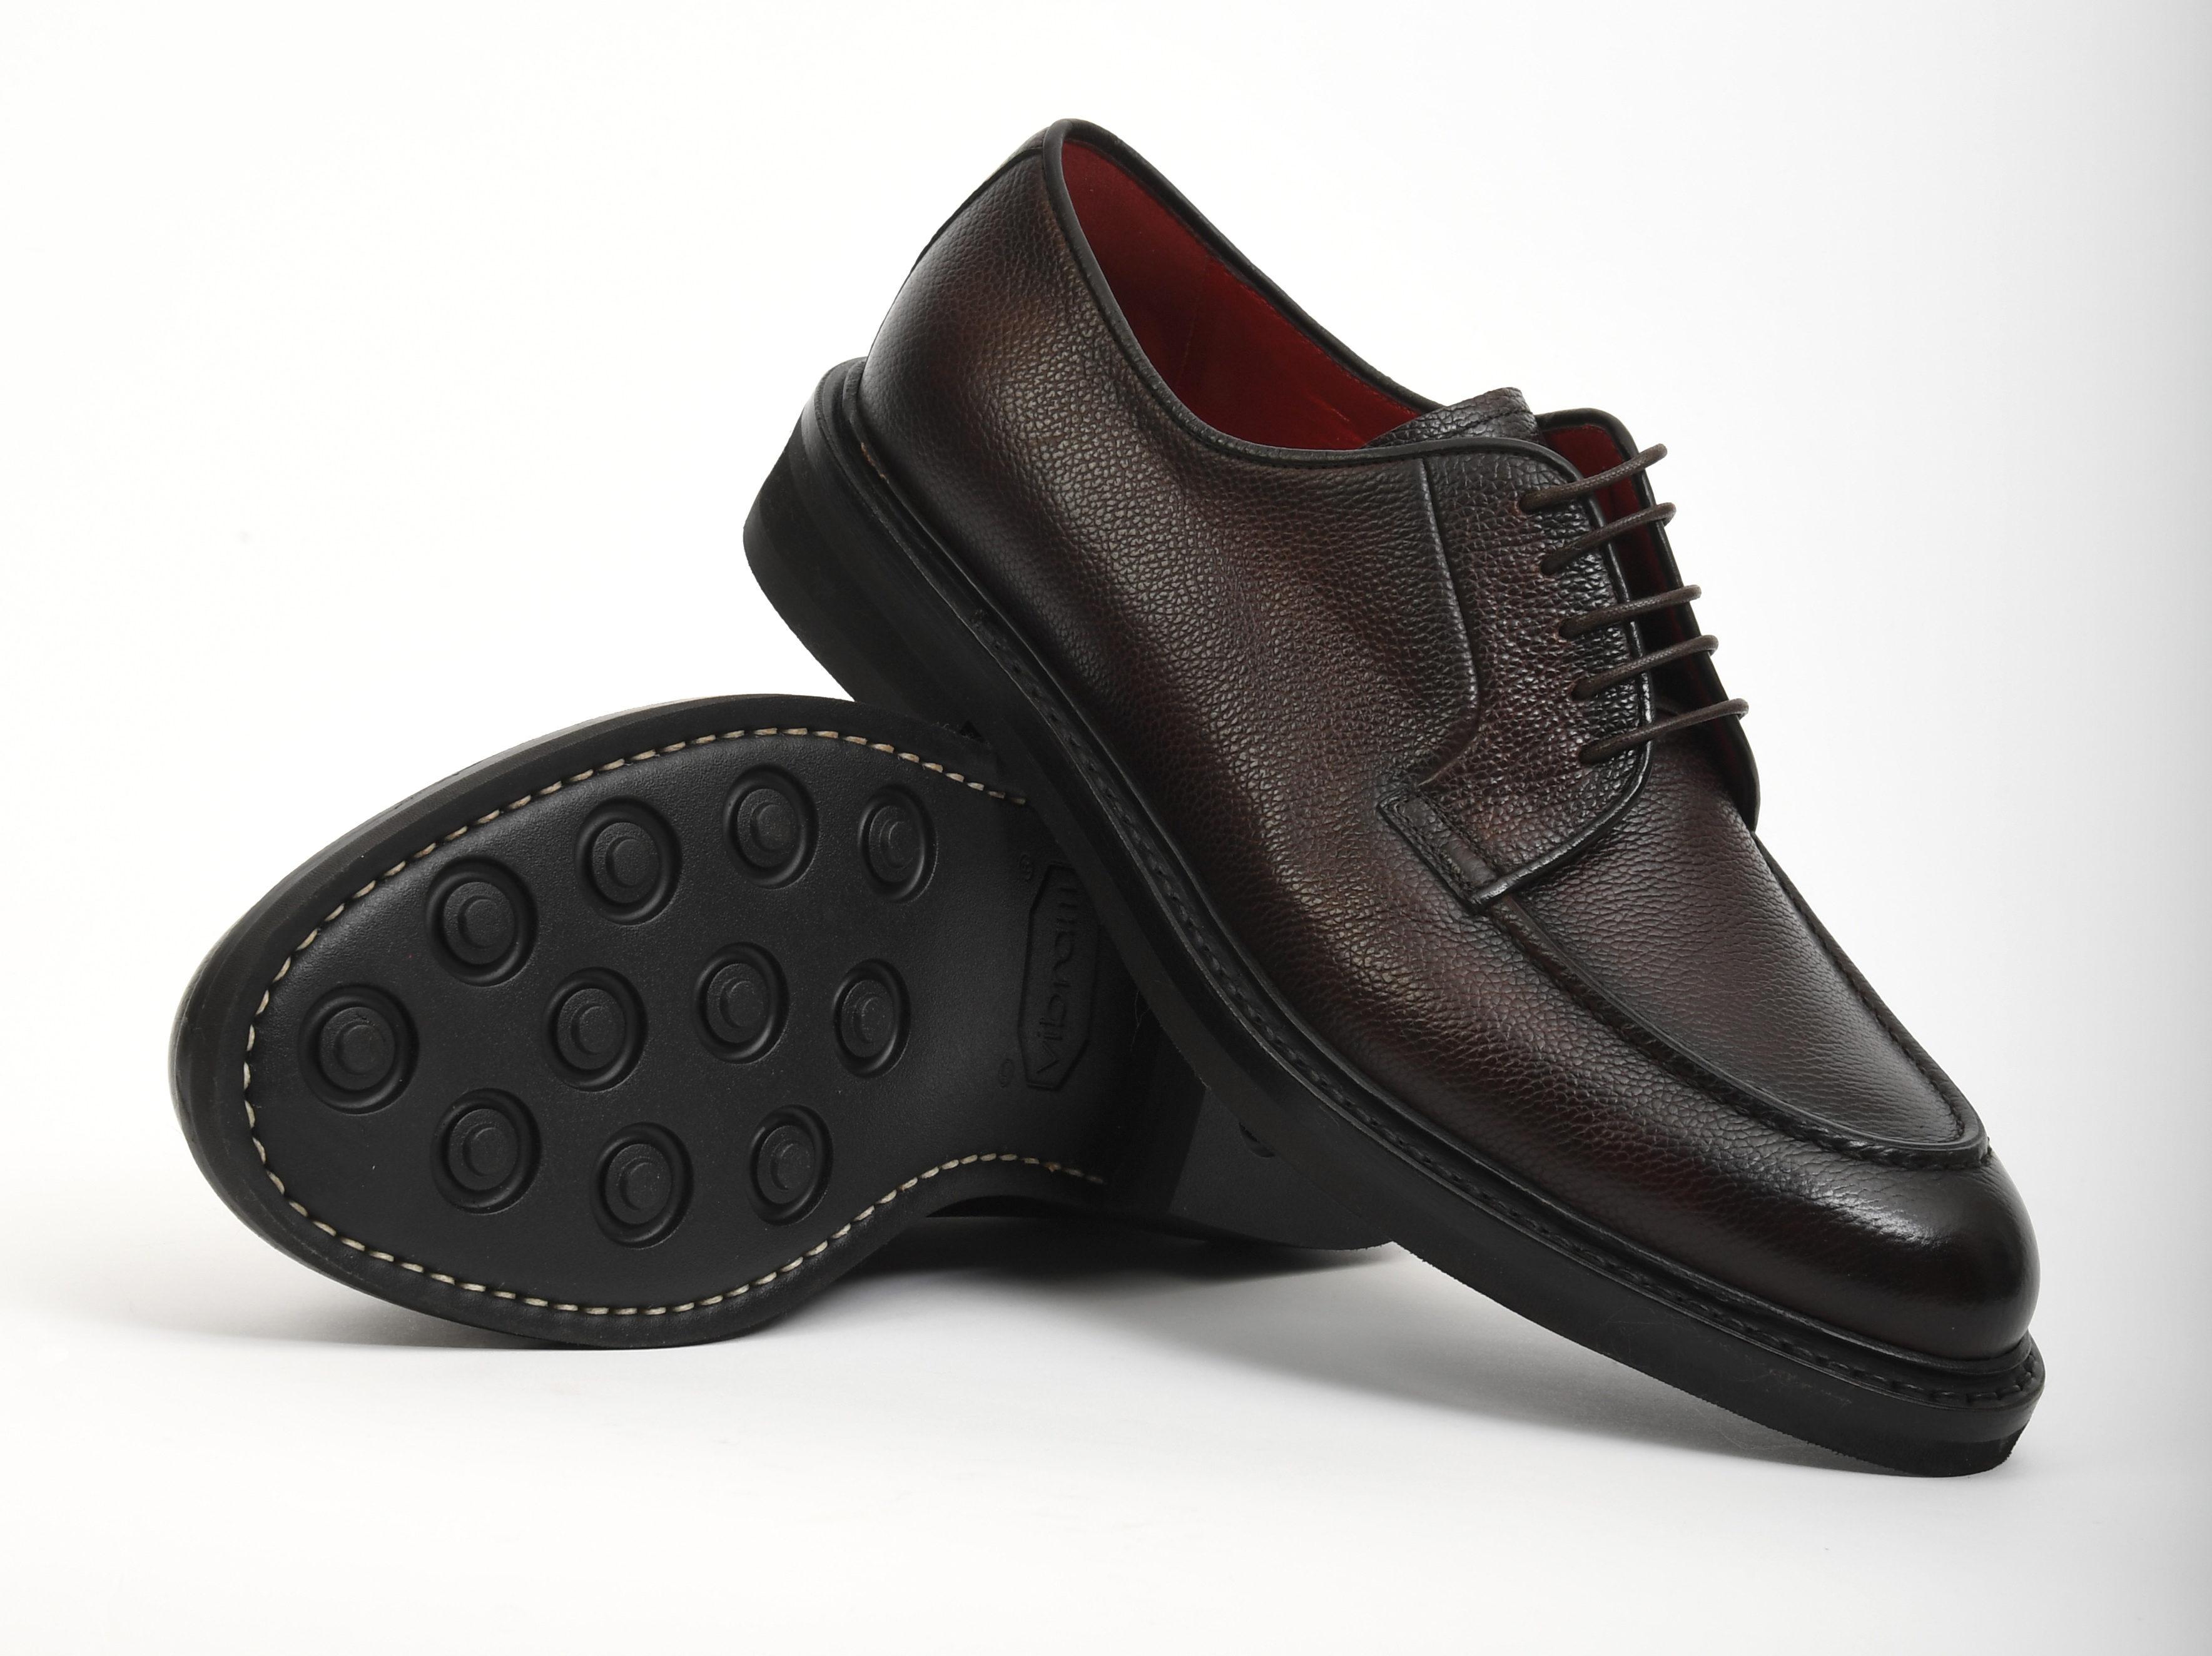 Barrett scarpe uomo Autunno Inverno 2019